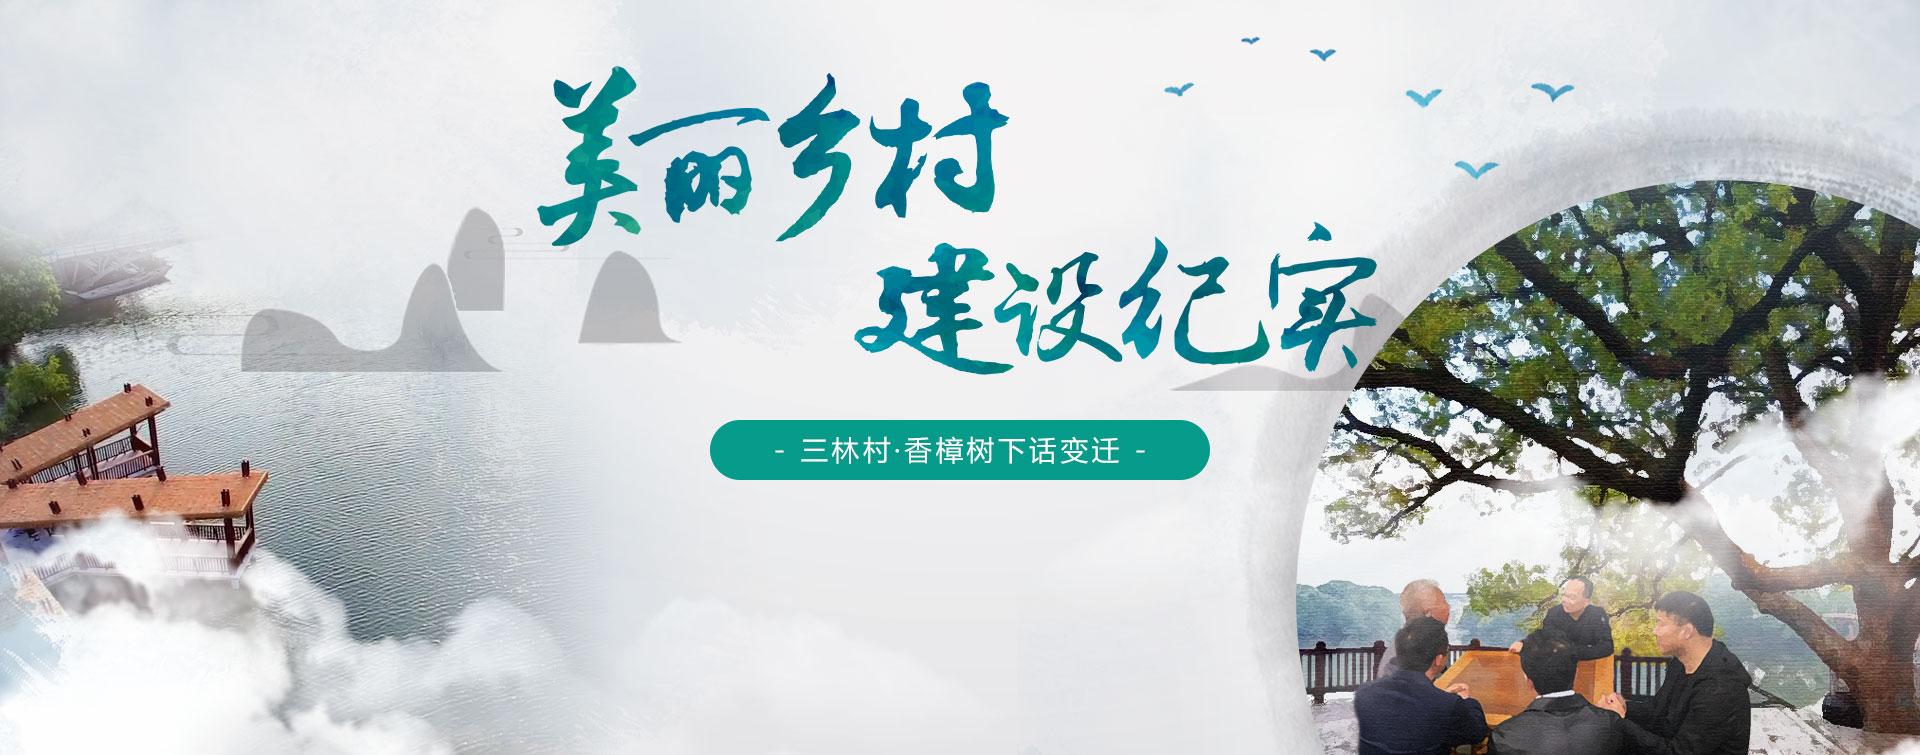 香樟樹下話變遷:三林村美麗鄉村建設紀實